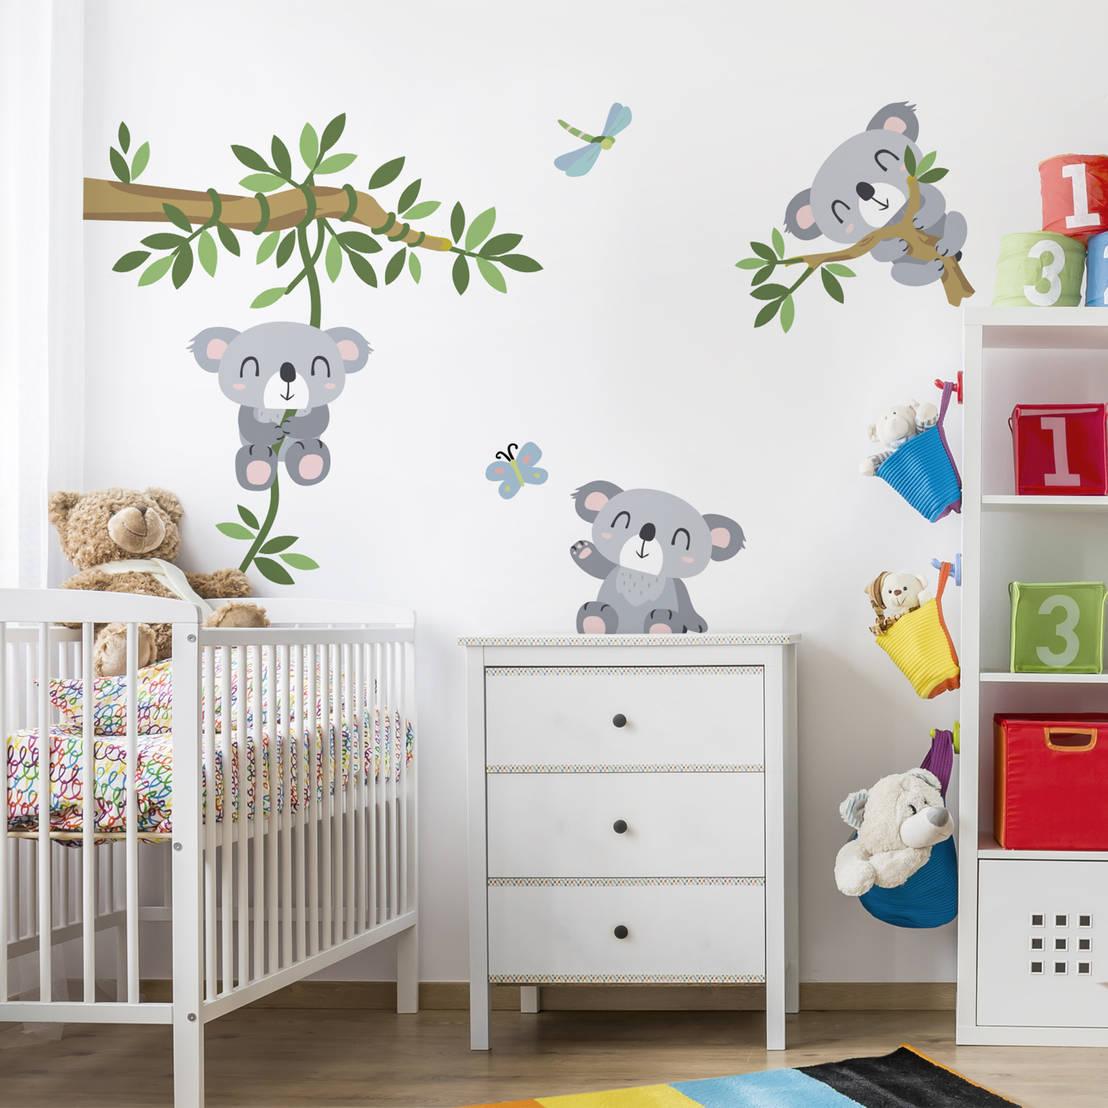 Kinderzimmer gestalten - Einfache Ideen für Kinderzimmer Makeover ...